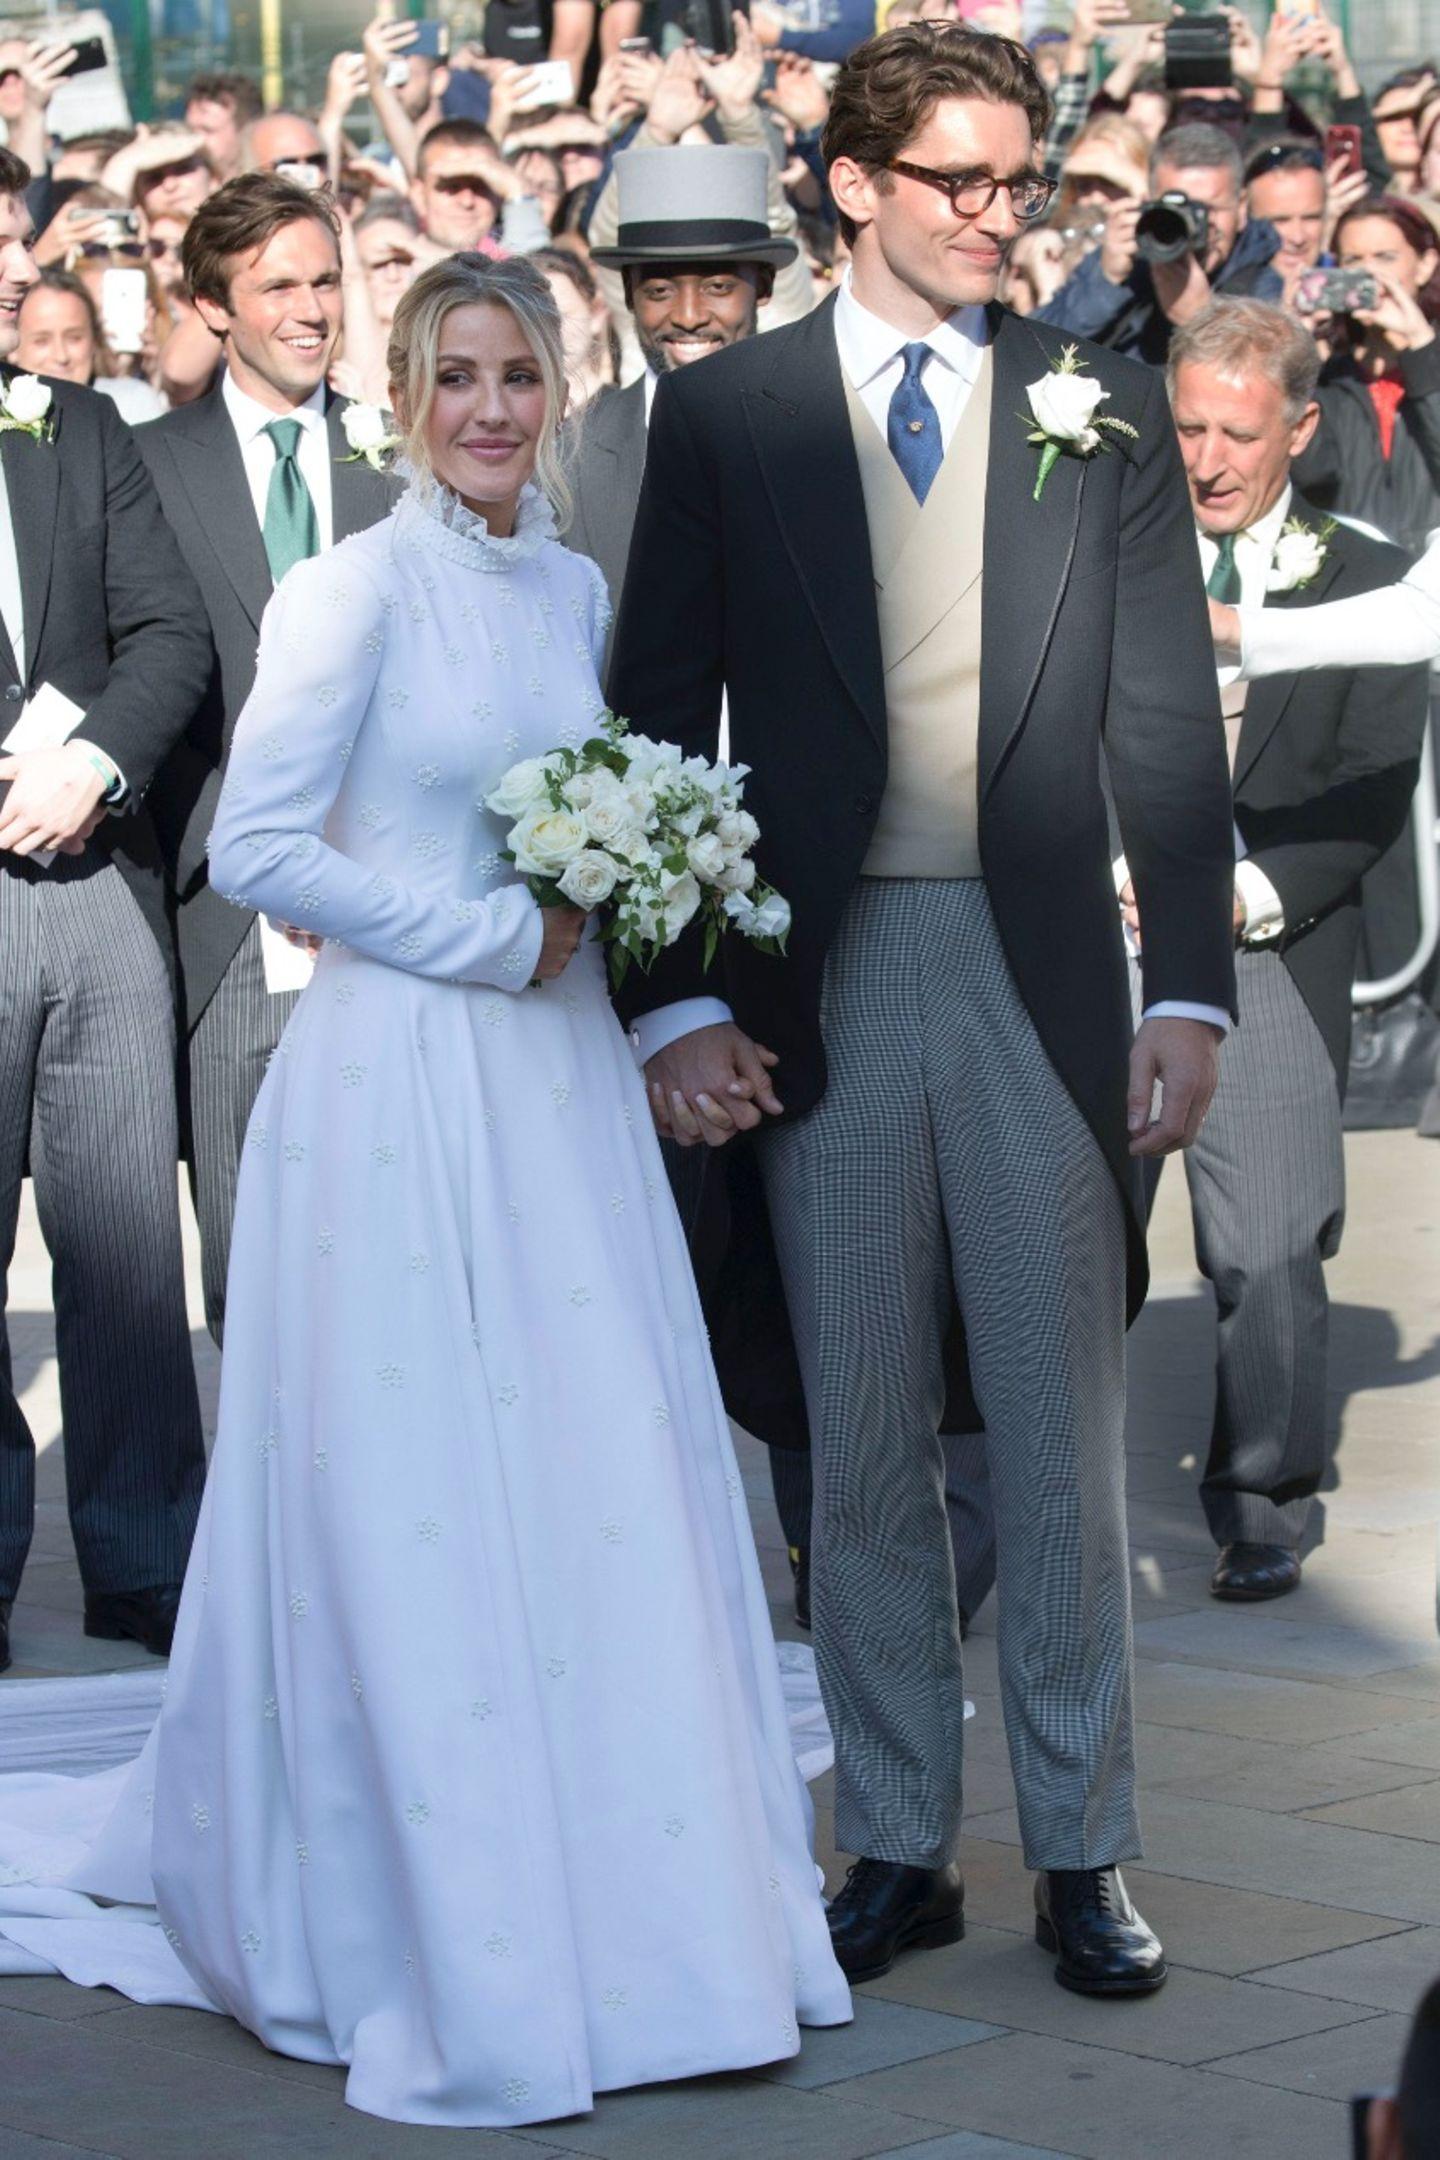 Nach der Trauung zeigt sich die Braut in ihrer ganzen Pracht:Das KleidvonChloé begeistert mit einer schlichten Silhouette. Die Besonderheit ist ganz eindeutig die feine Perlen-Stickerei in Form von Sternen.